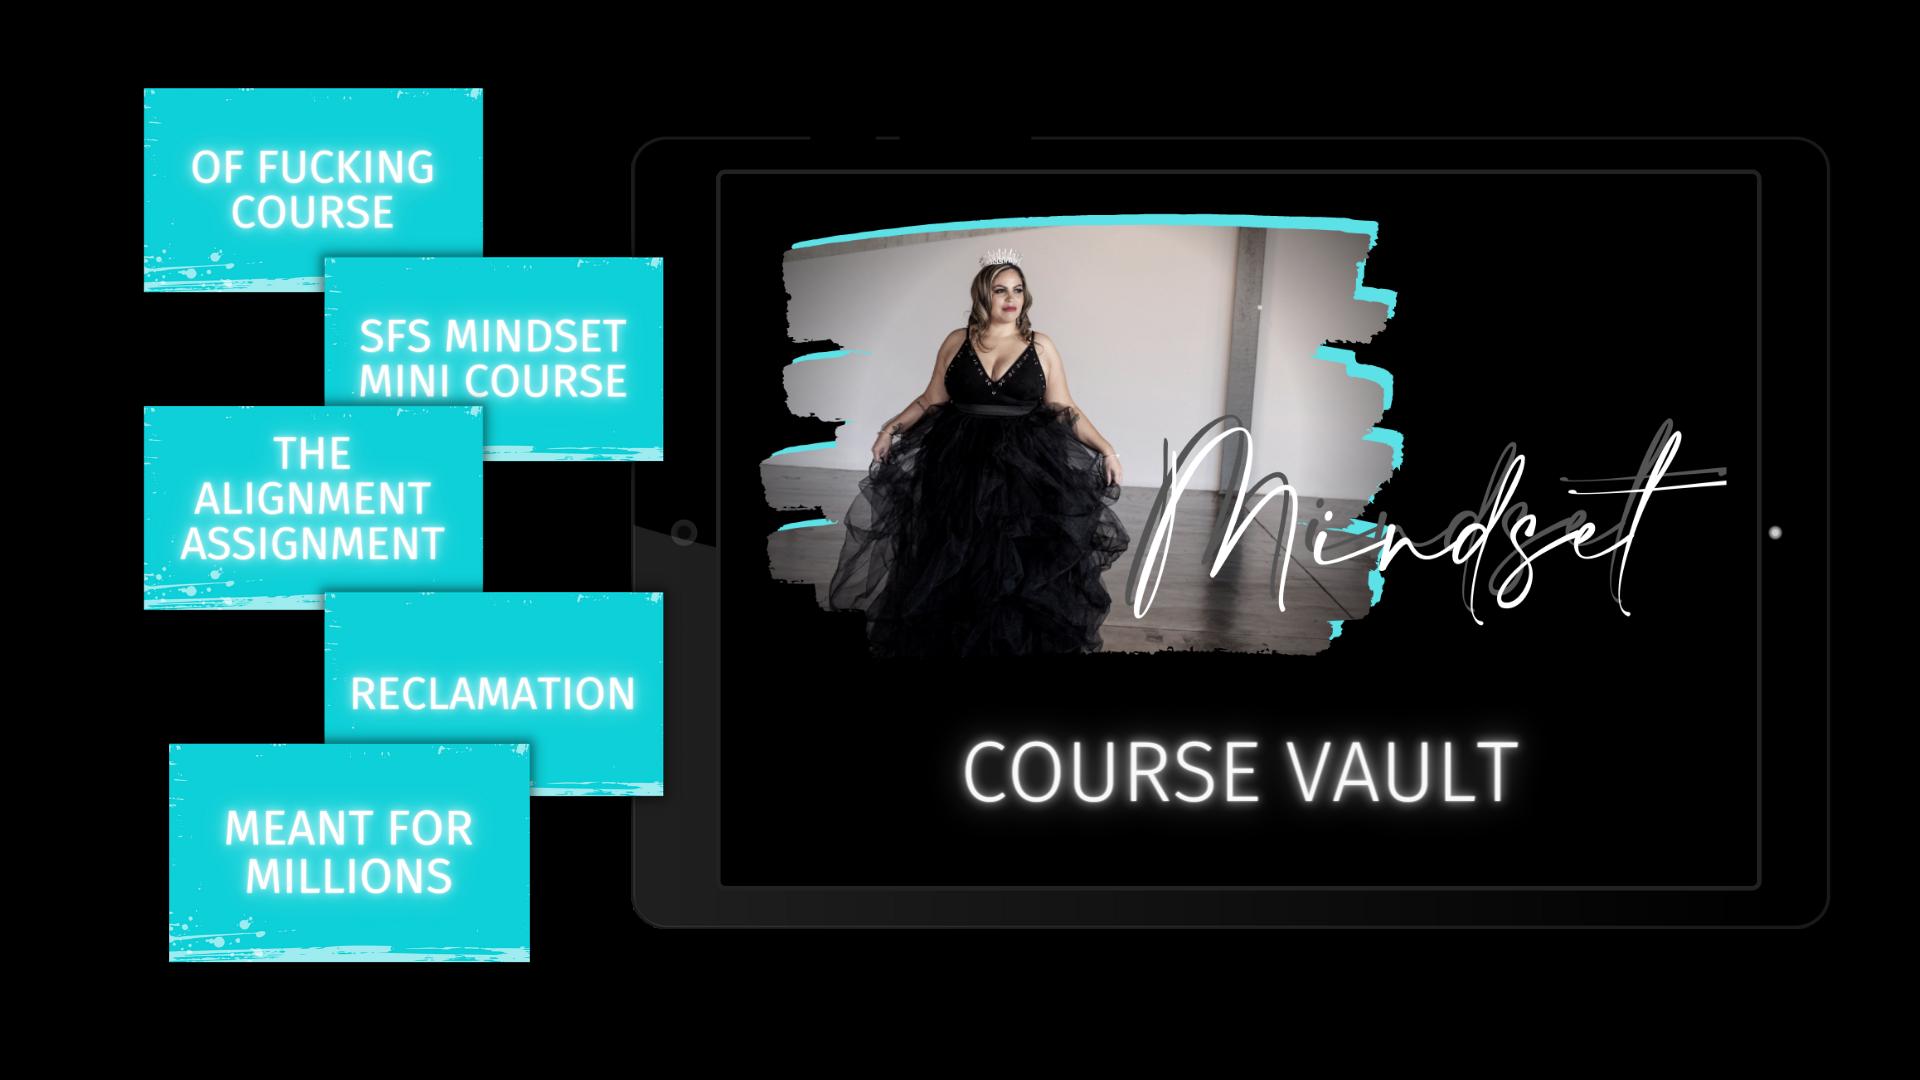 The Ultimate Mindset Course Vault for online entrepreneurs